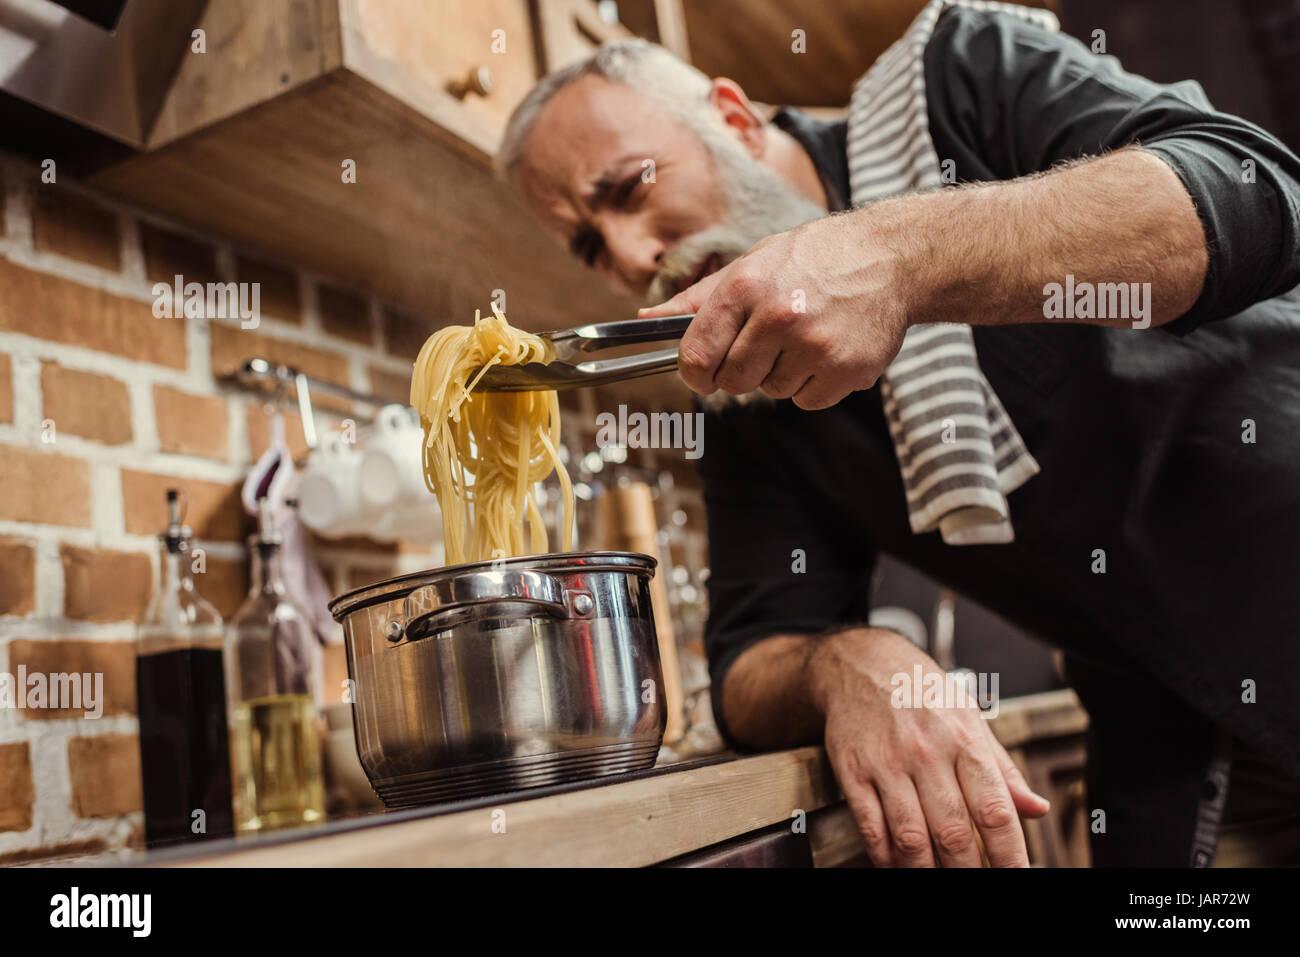 Hombre cocinar espaguetis Foto de stock